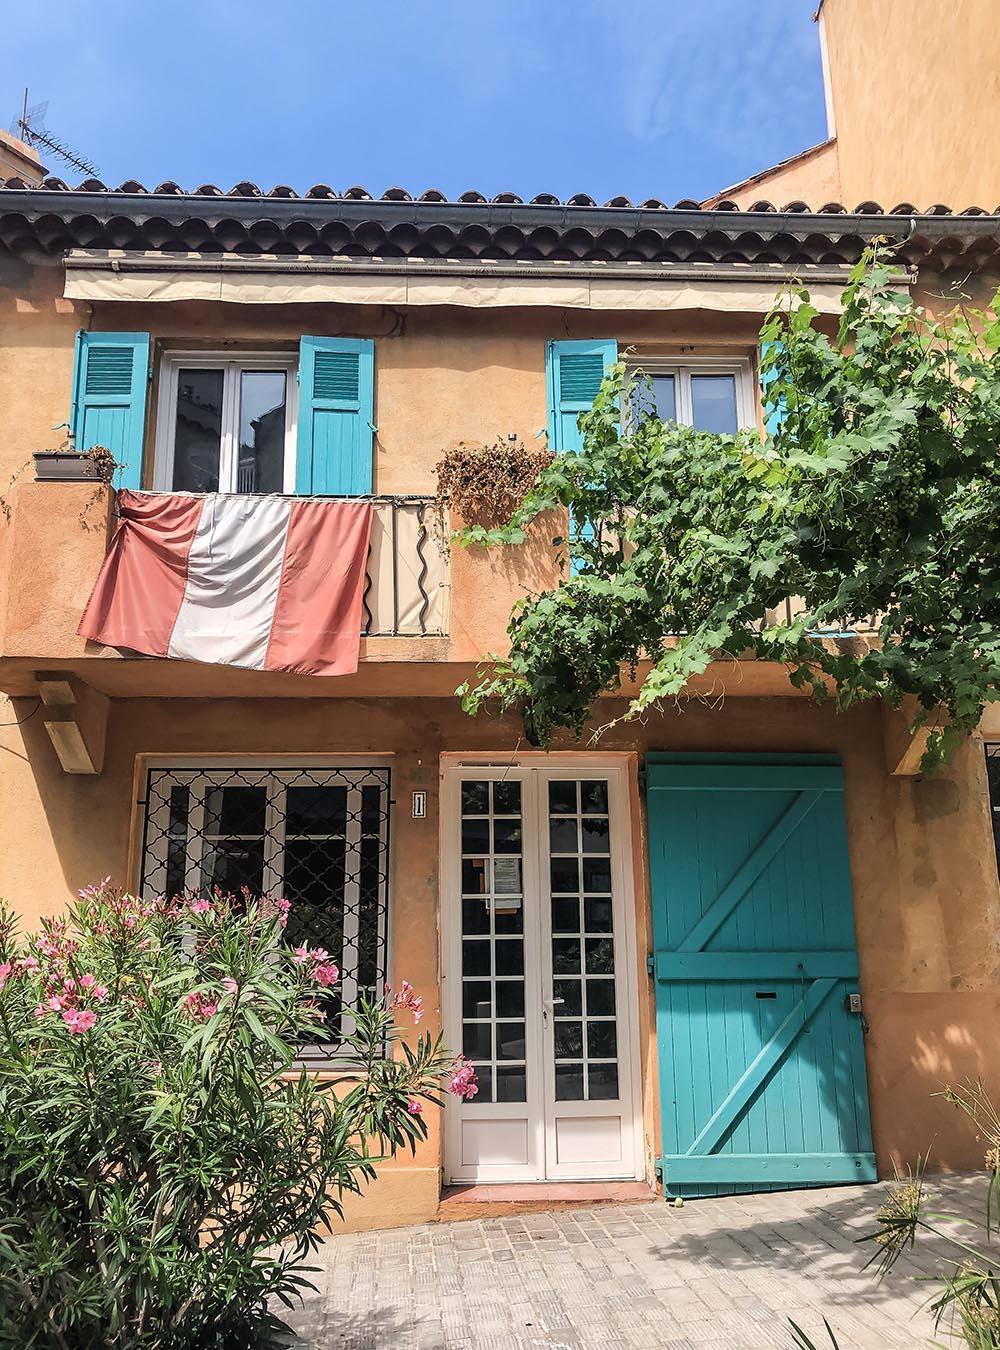 Sommer an der Côte d'Azur - Altstadt Saint-Tropez